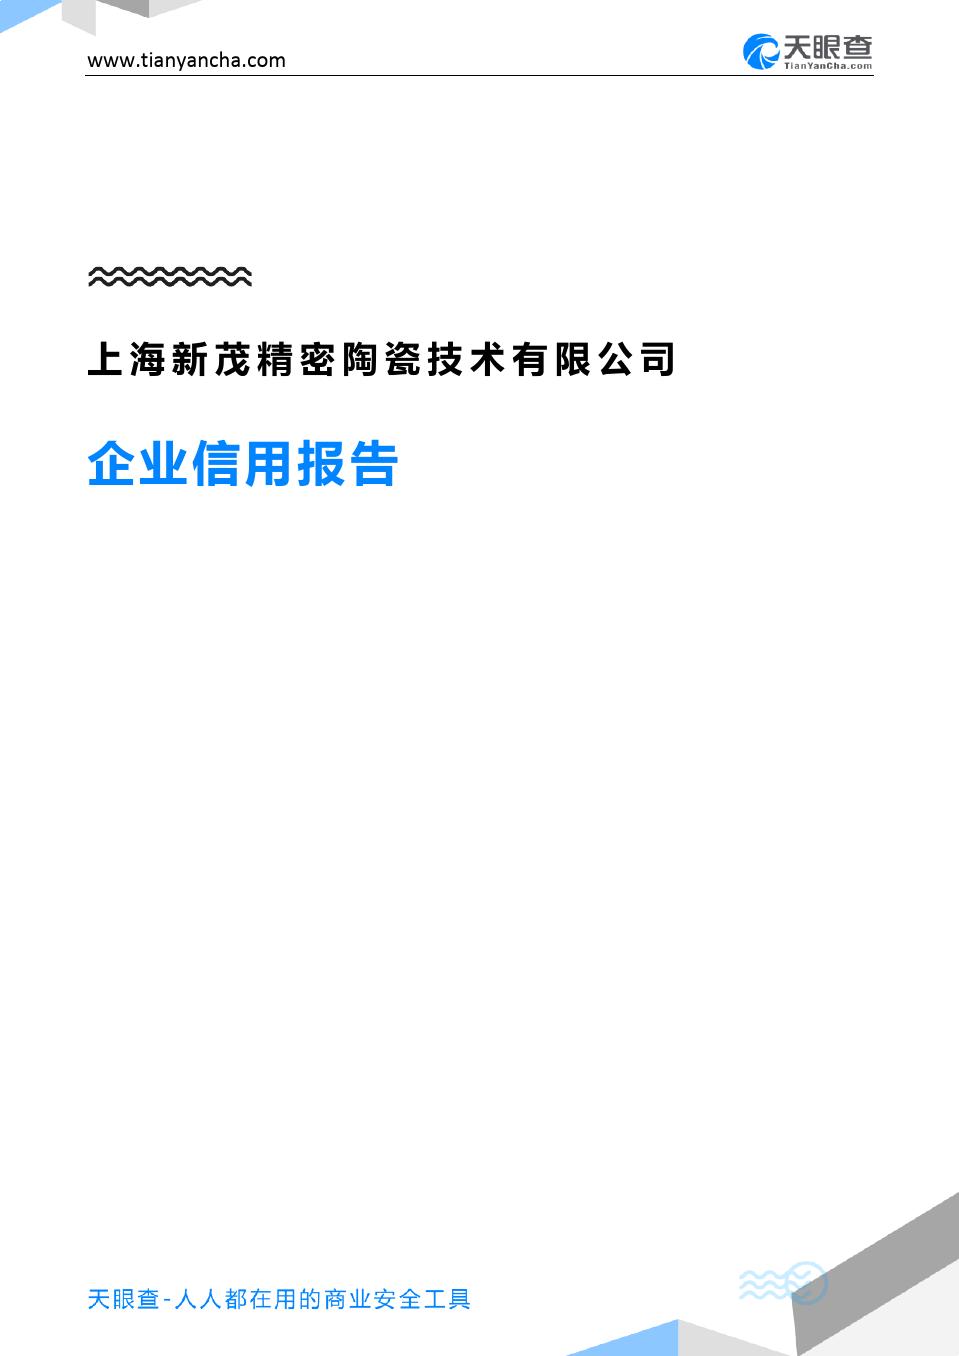 上海新茂精密陶瓷技术有限公司企业信用报告-天眼查